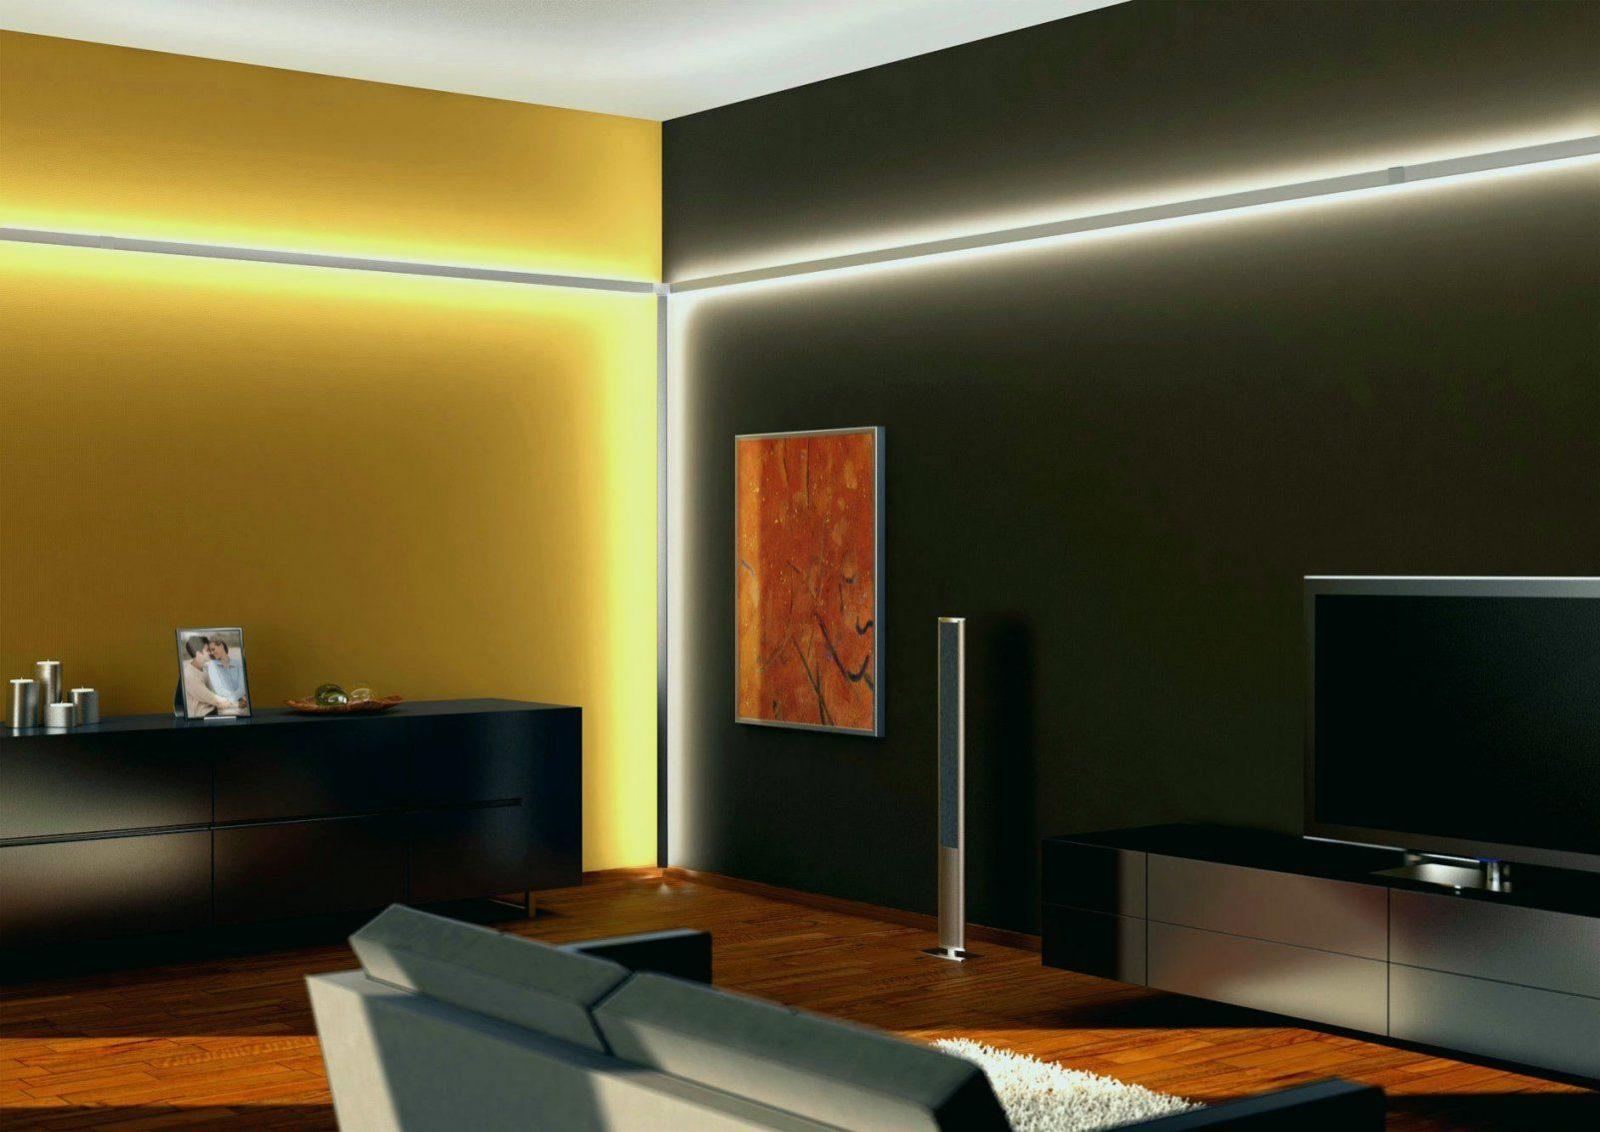 Indirekte Beleuchtung Wand Selber Bauen Wunderbar Indirekte von Indirekte Beleuchtung Schlafzimmer Selber Bauen Bild